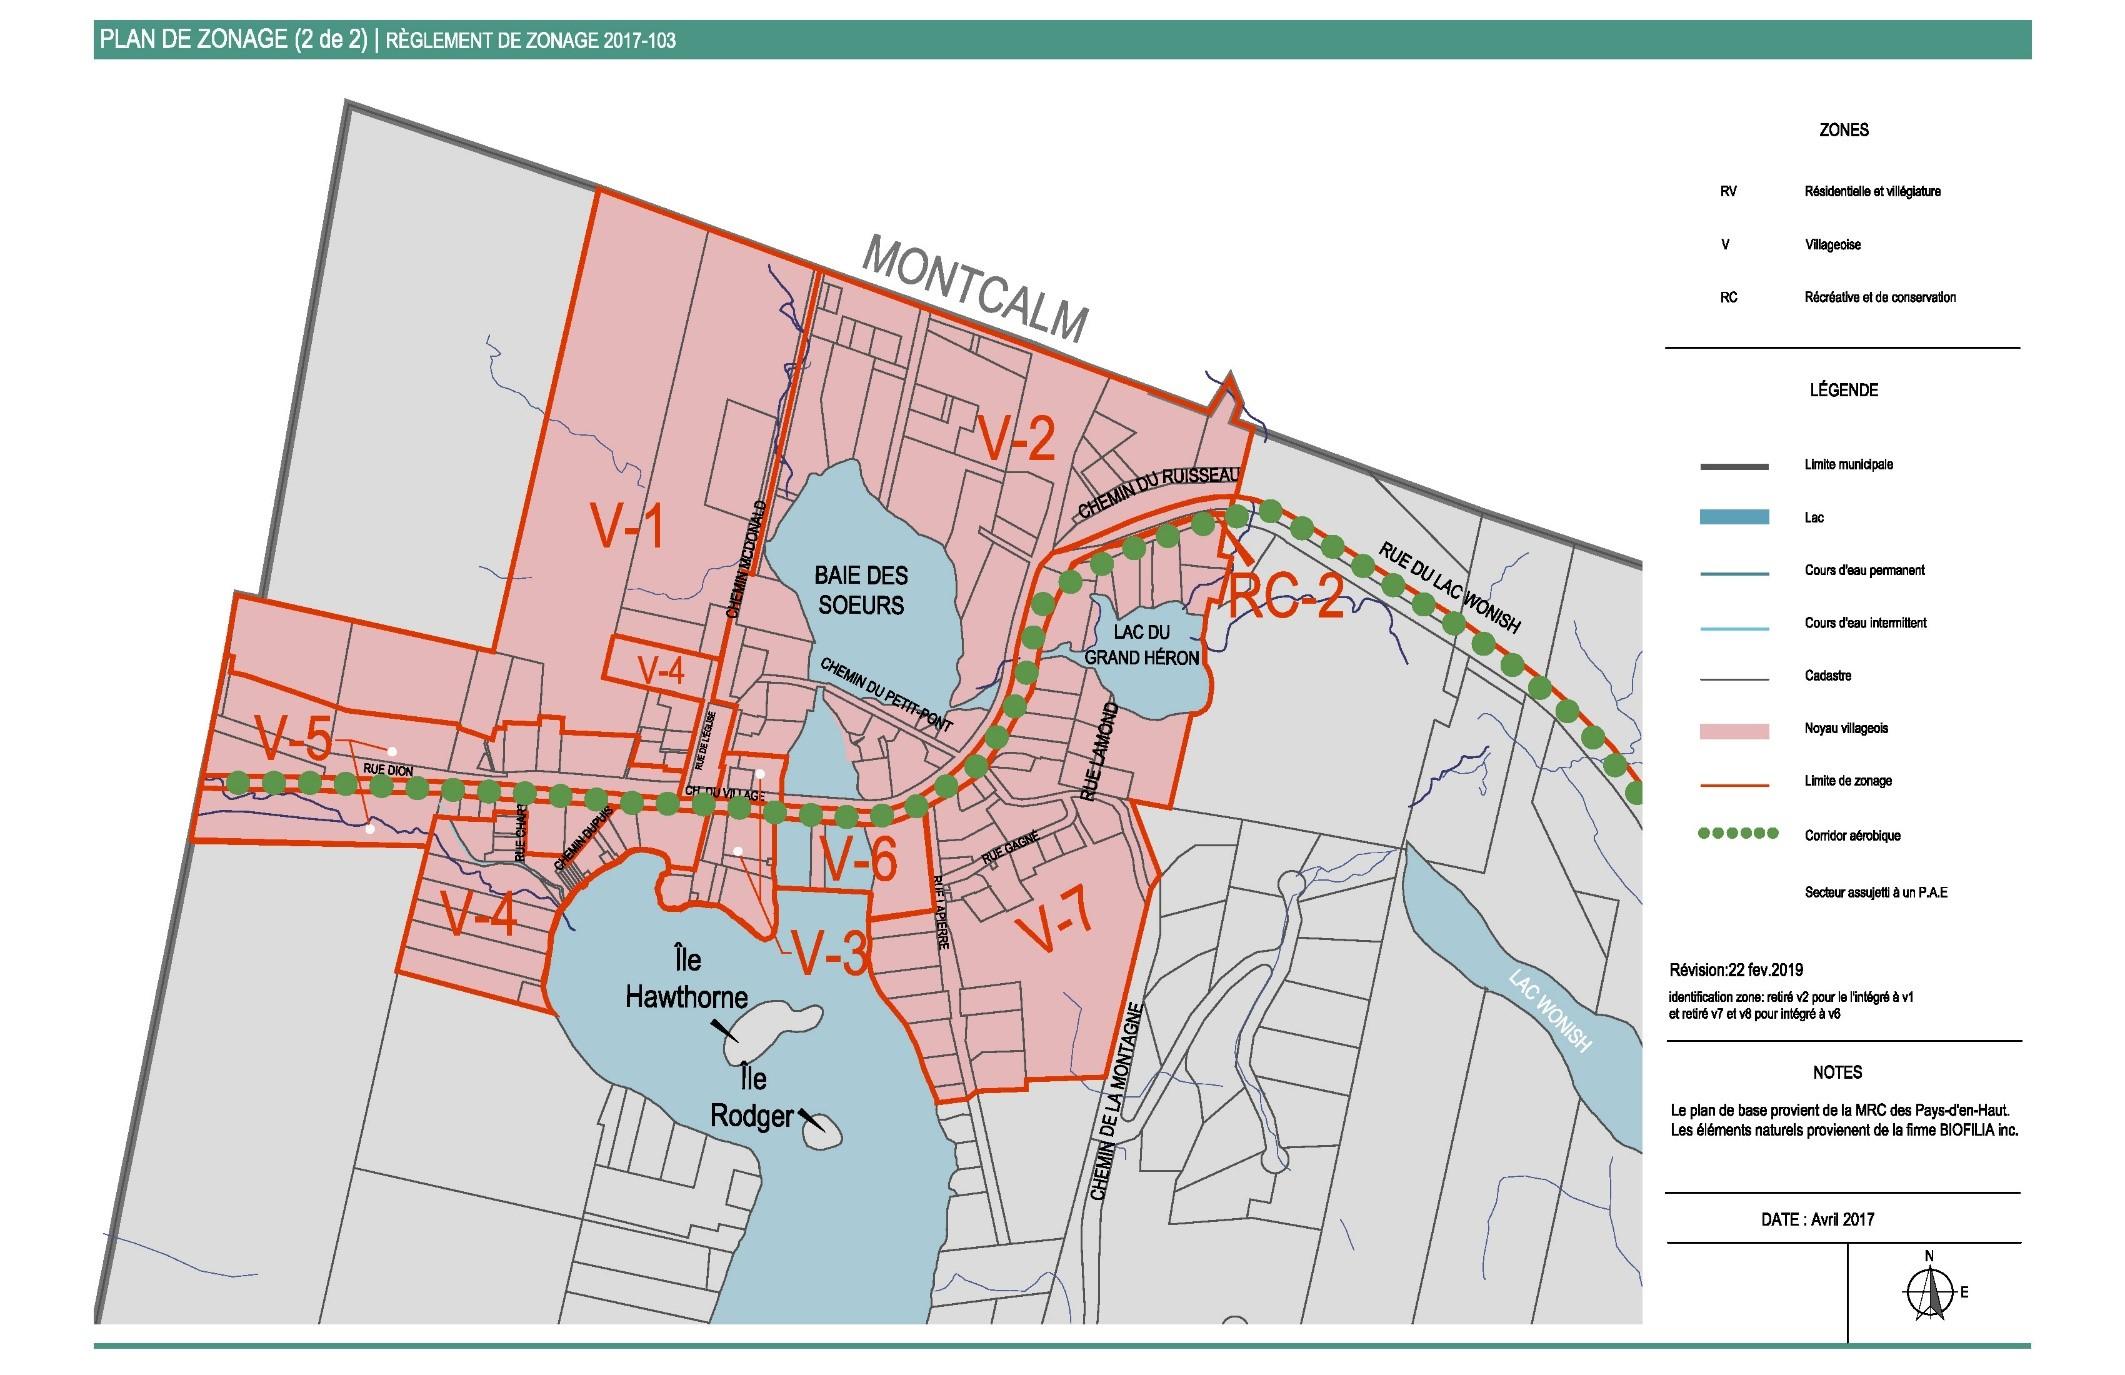 Plan de zonage Lac-des-Seize-Îles - 2 de 2